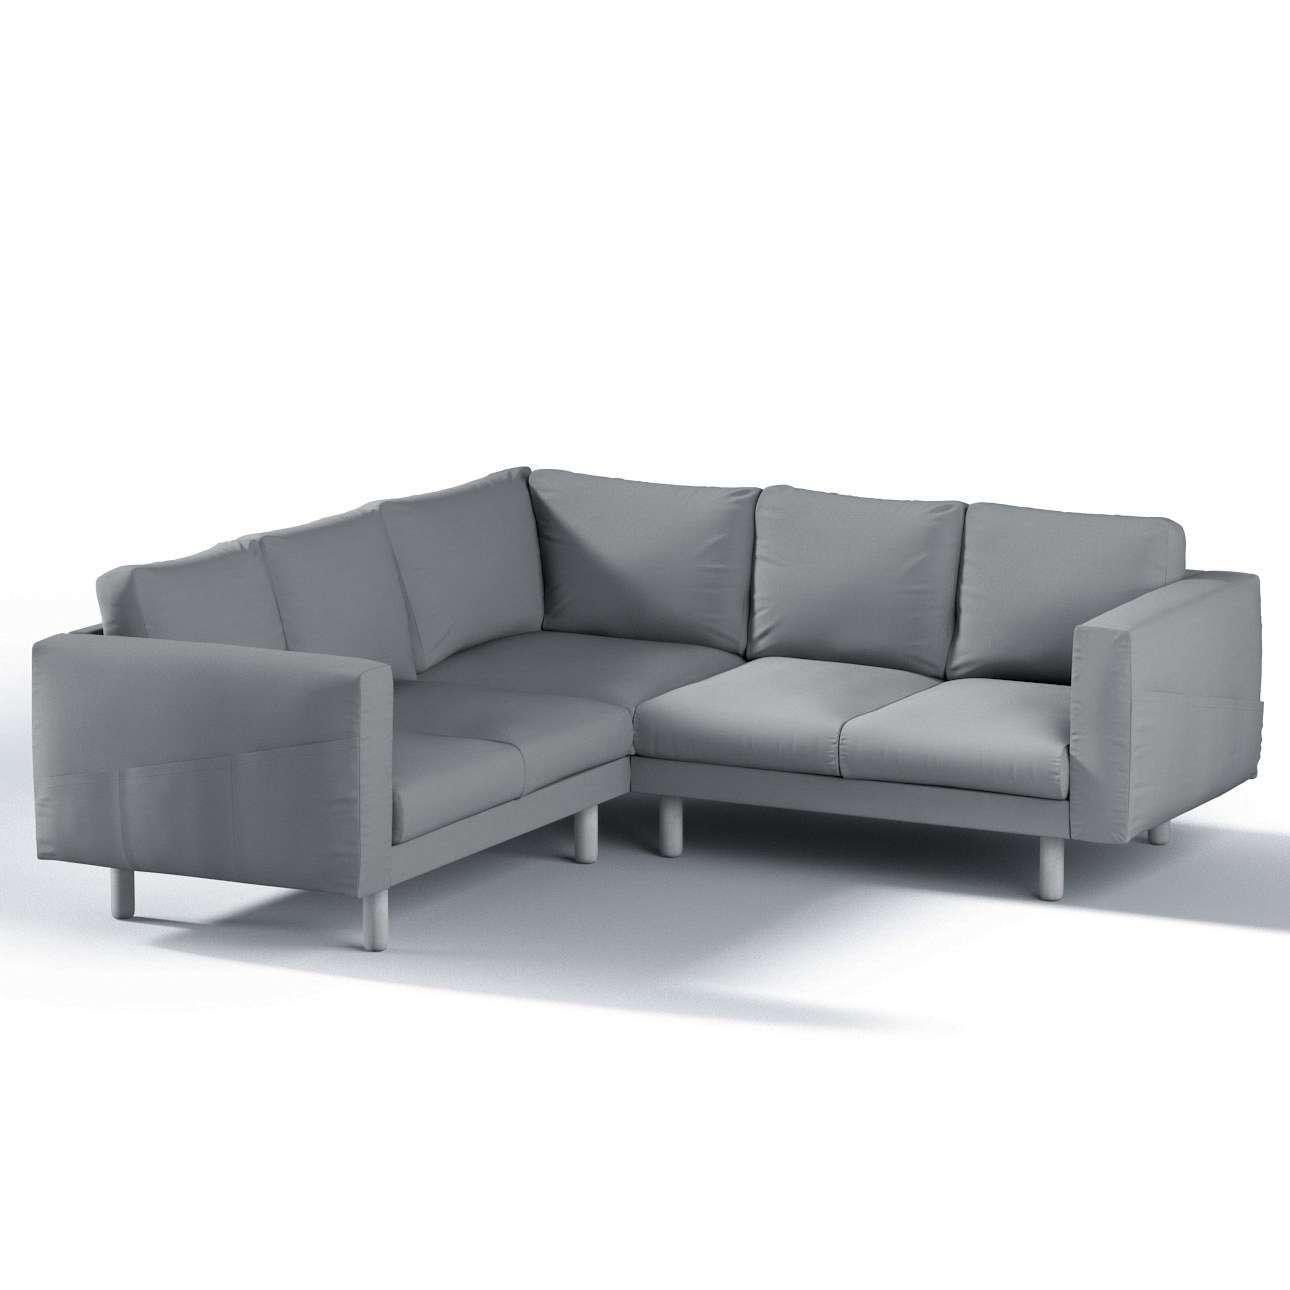 Pokrowiec na sofę narożną Norsborg 4-osobową w kolekcji Cotton Panama, tkanina: 702-07